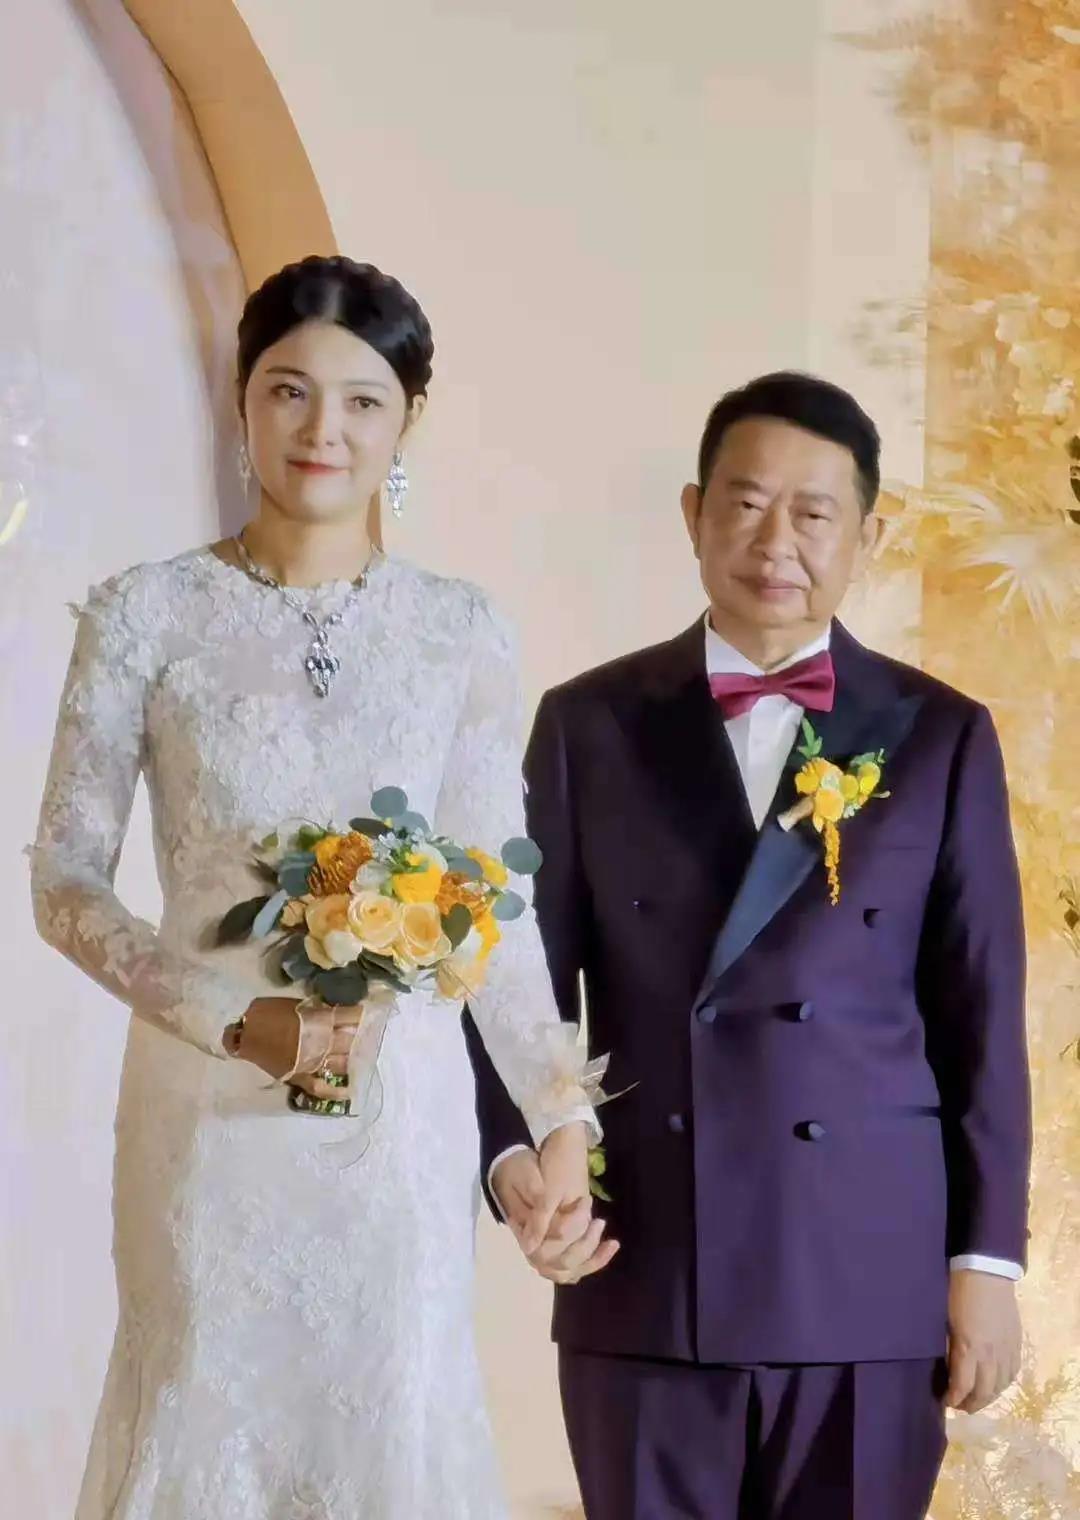 紫金矿业董事长再婚飞起:男63岁合体技,女38岁